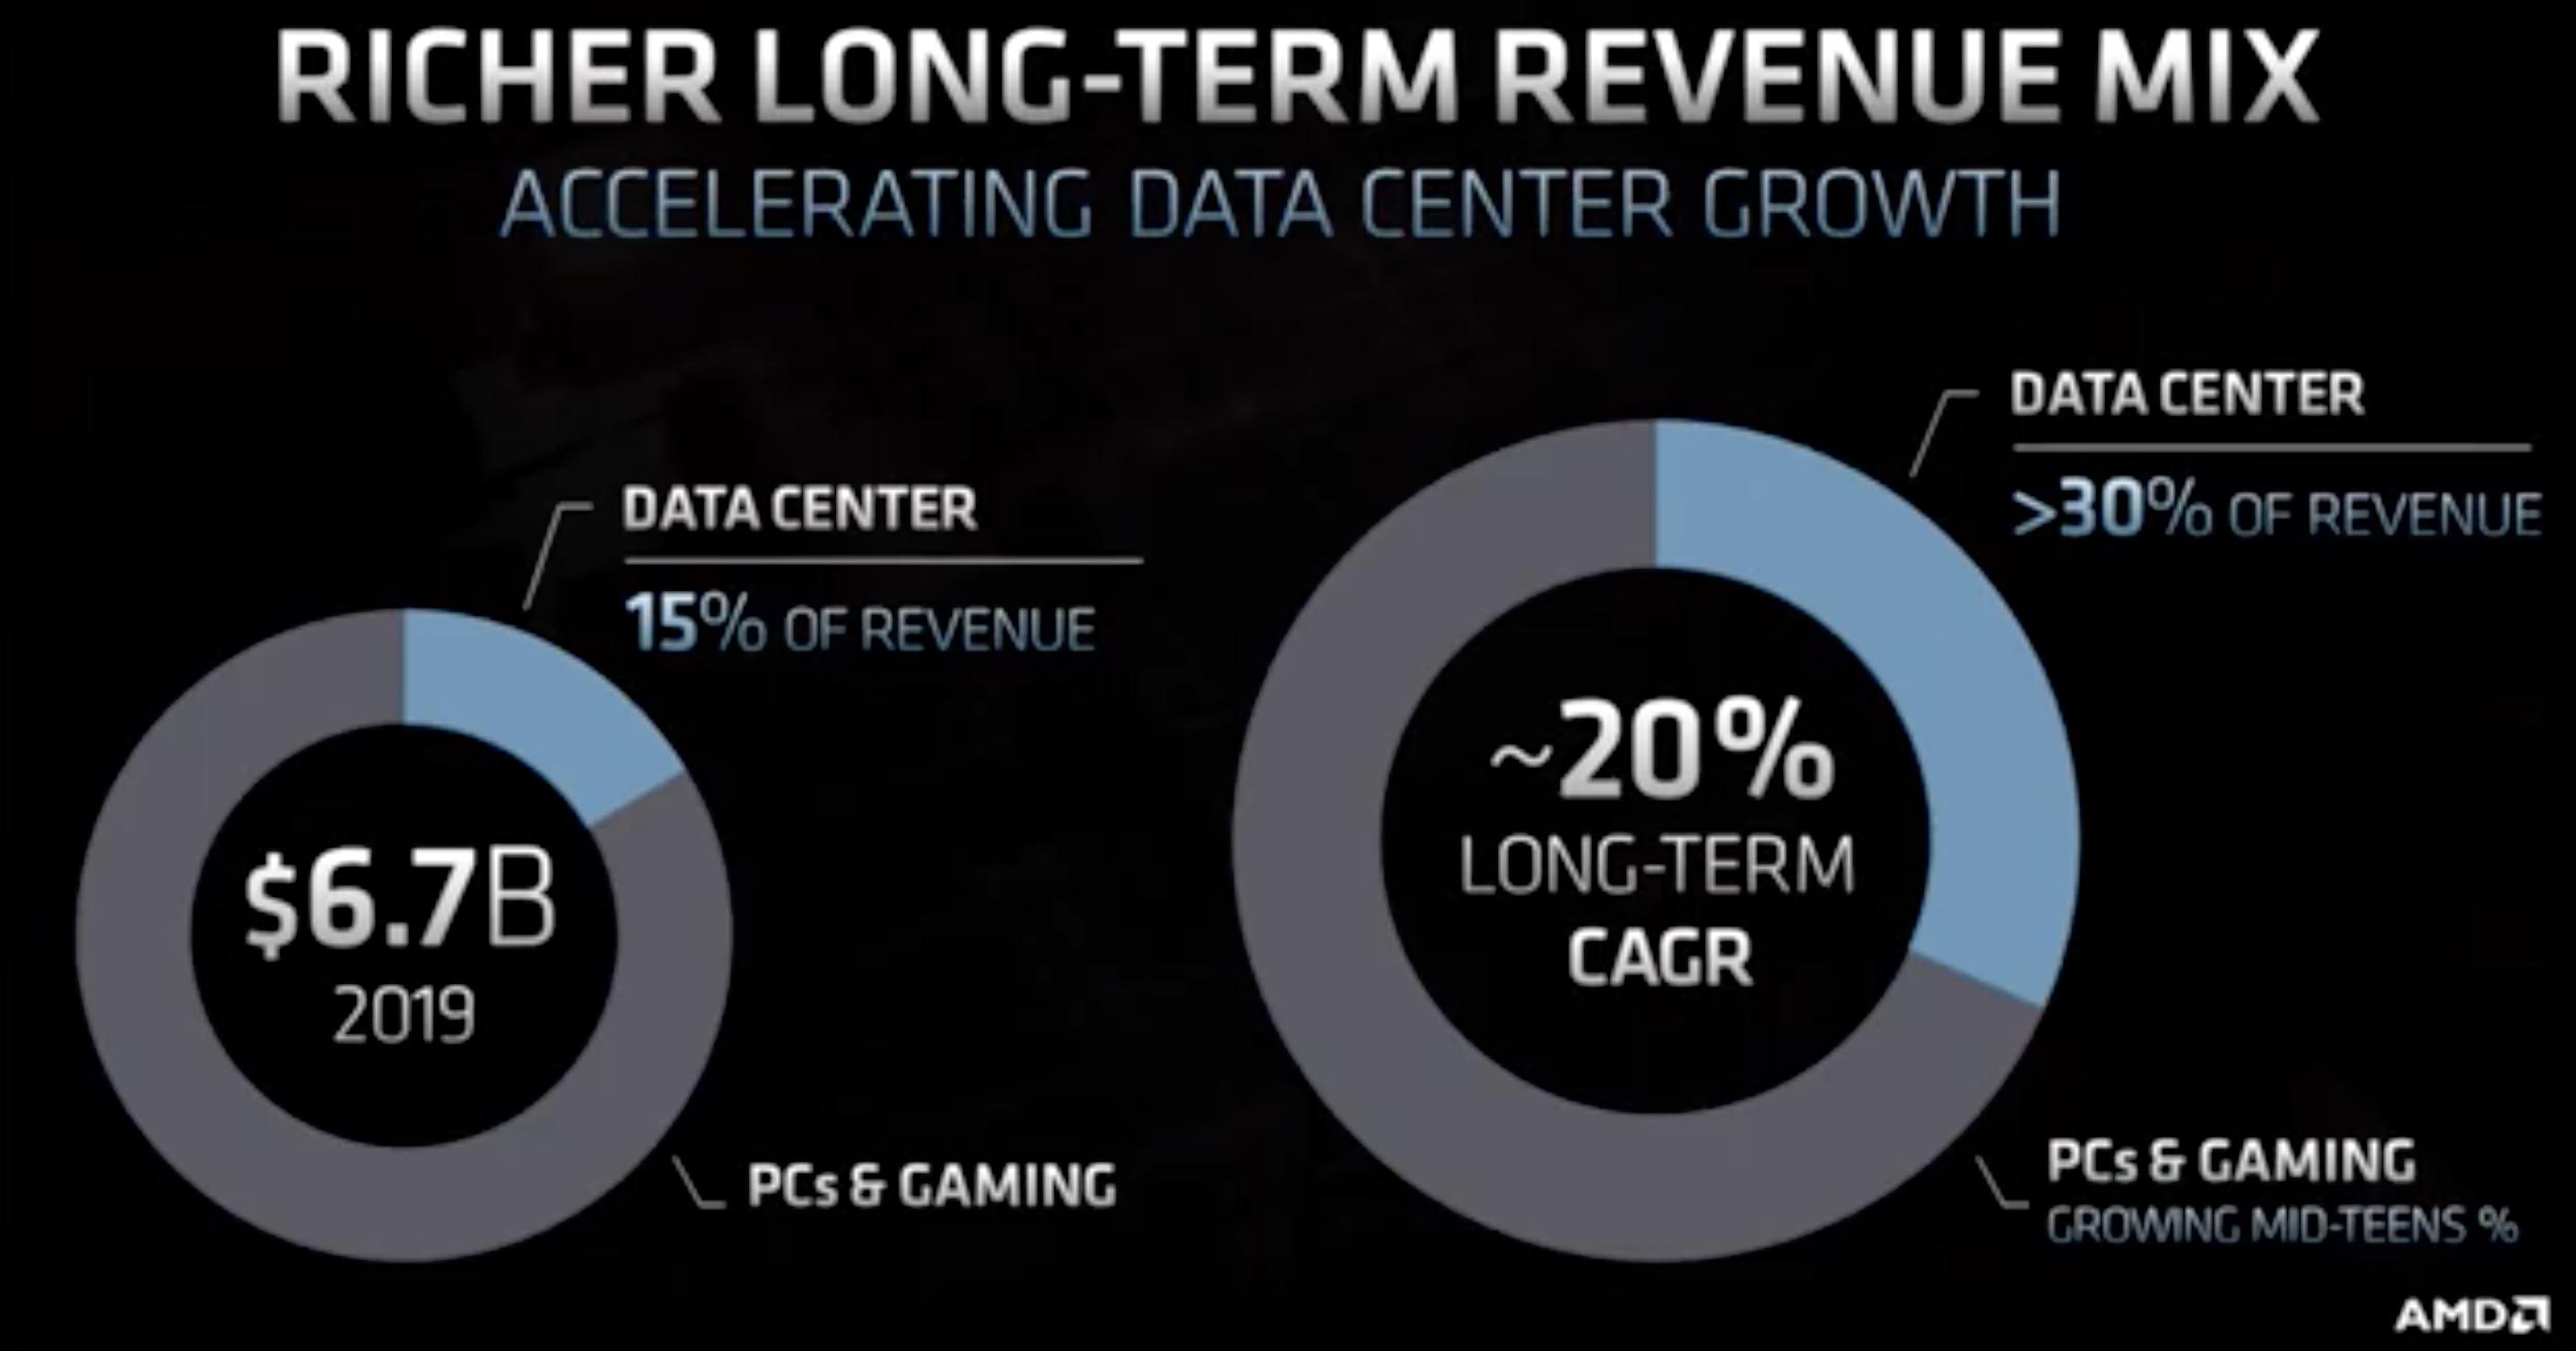 AMD Datacenter revenue